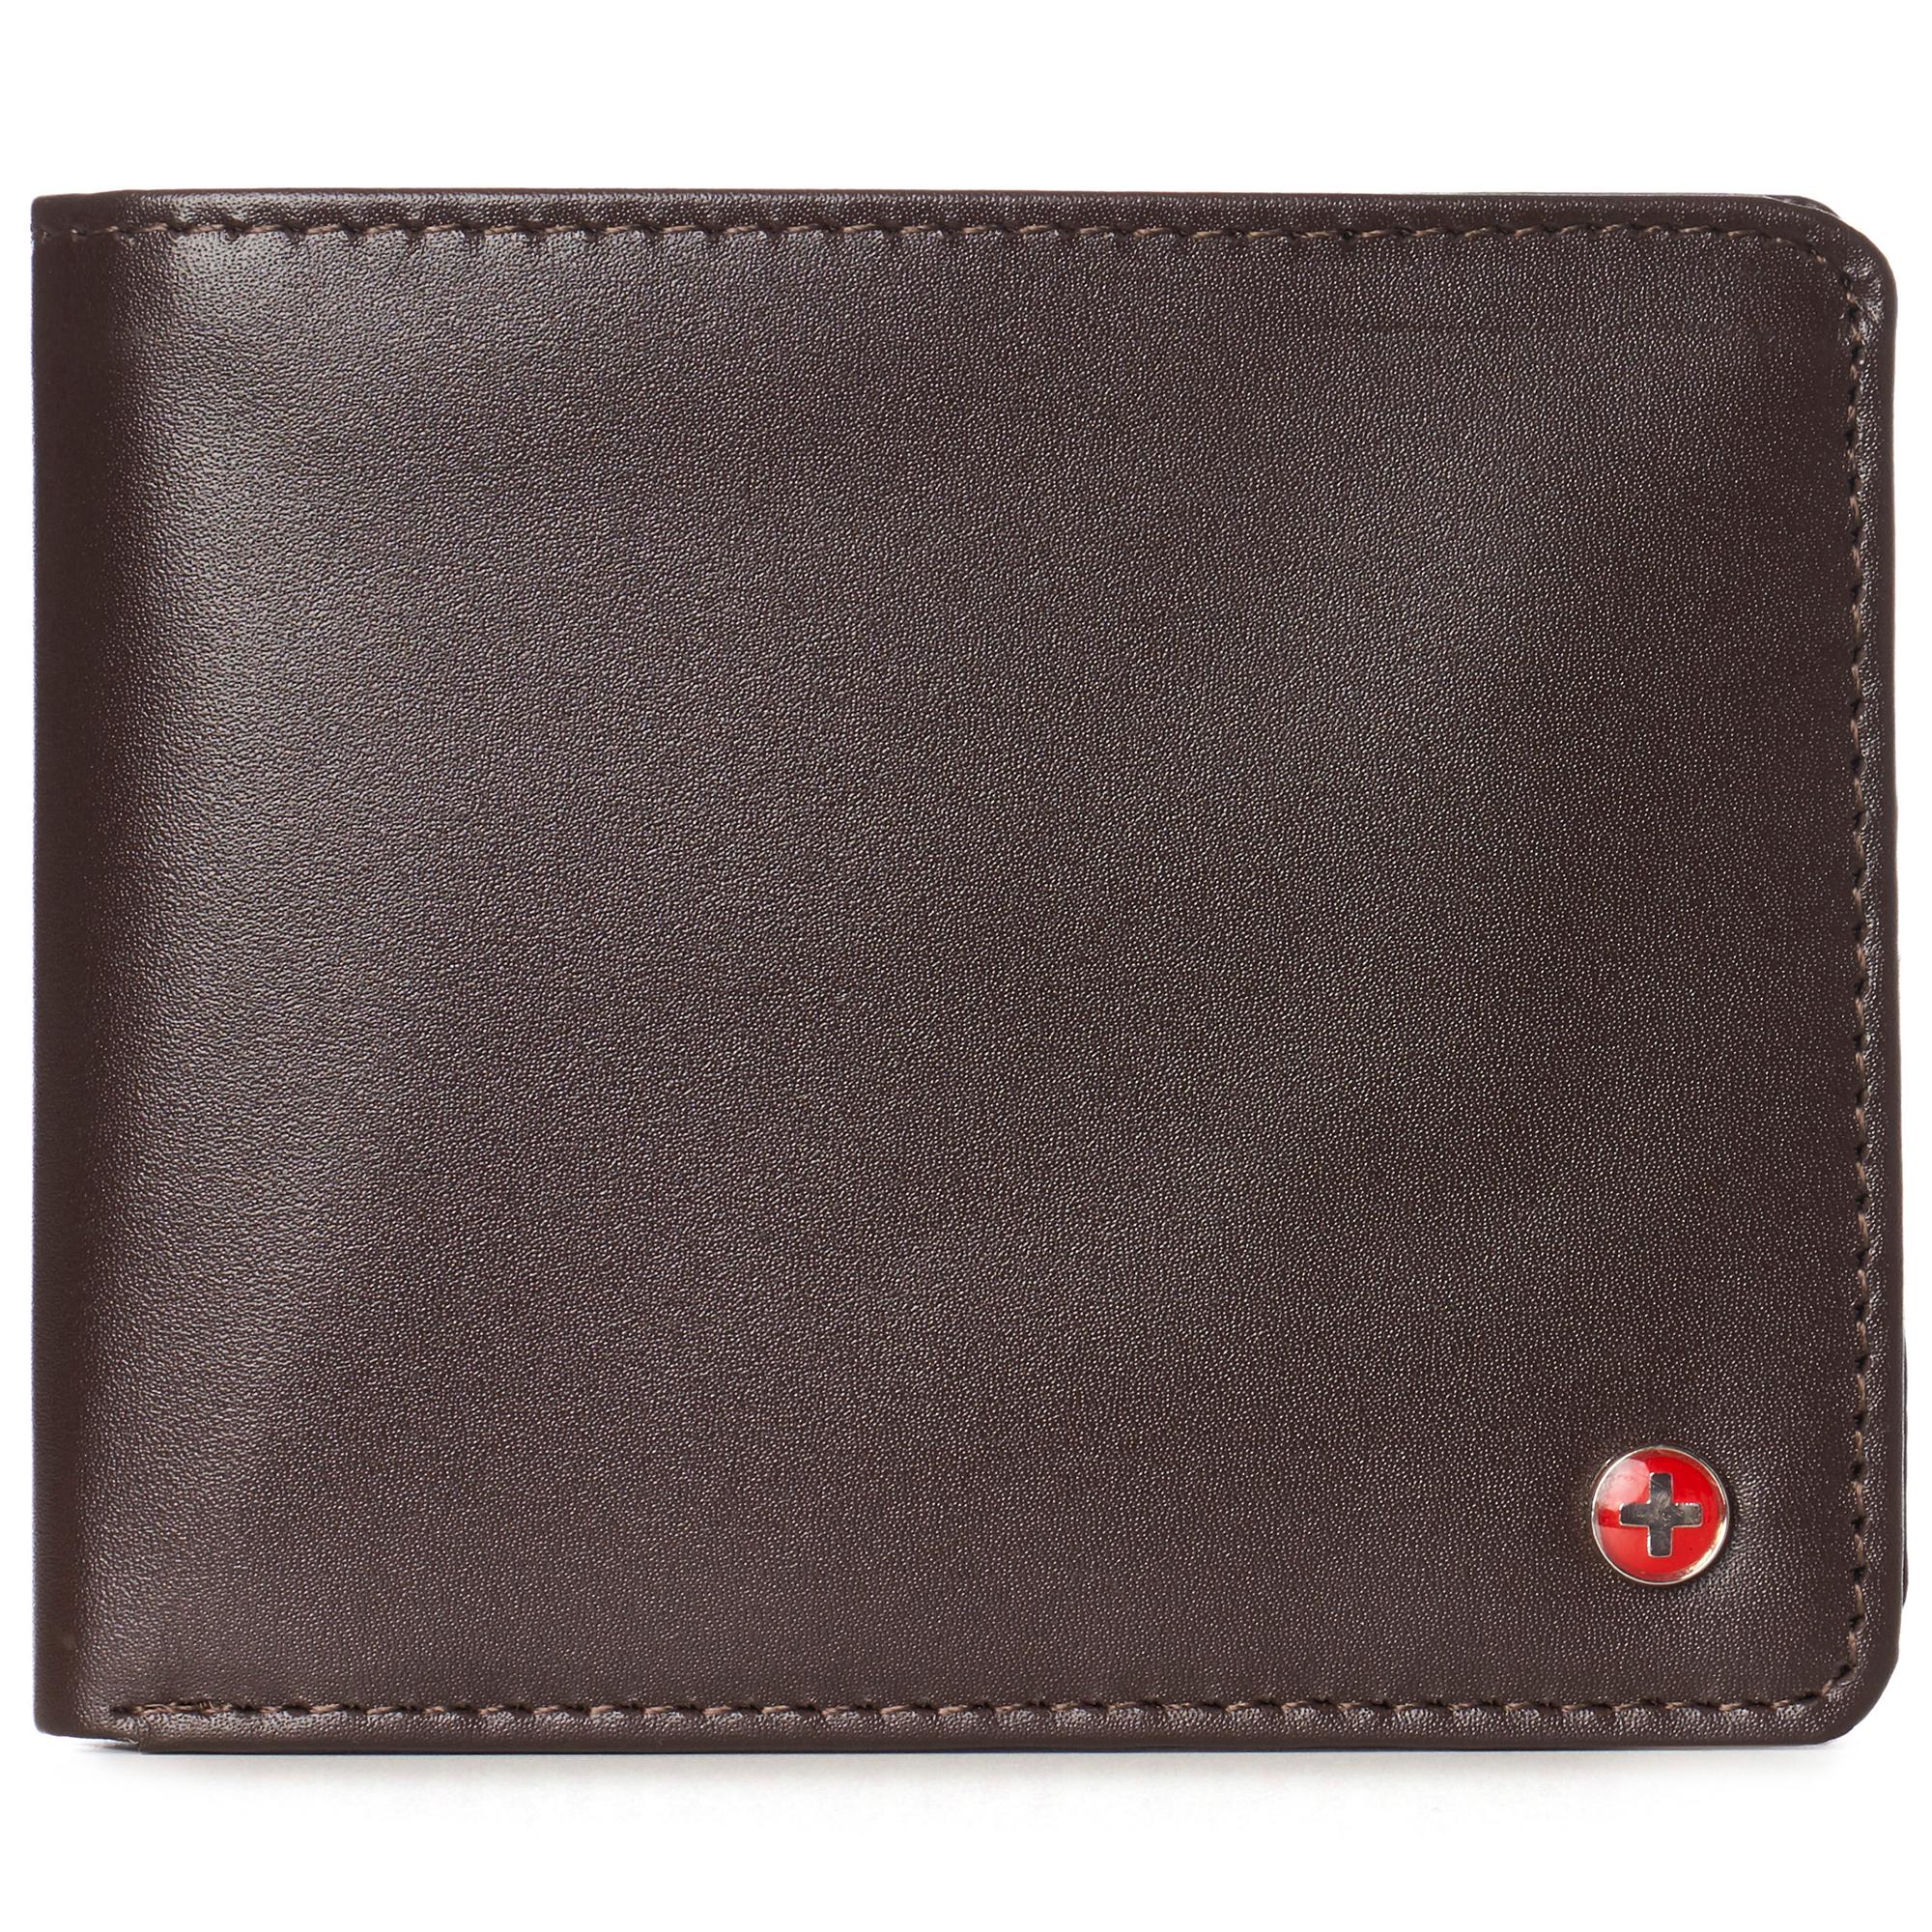 Men/'s doux lisse en Cuir Véritable Portefeuille Slim portefeuille carte de crédit titulaire 125